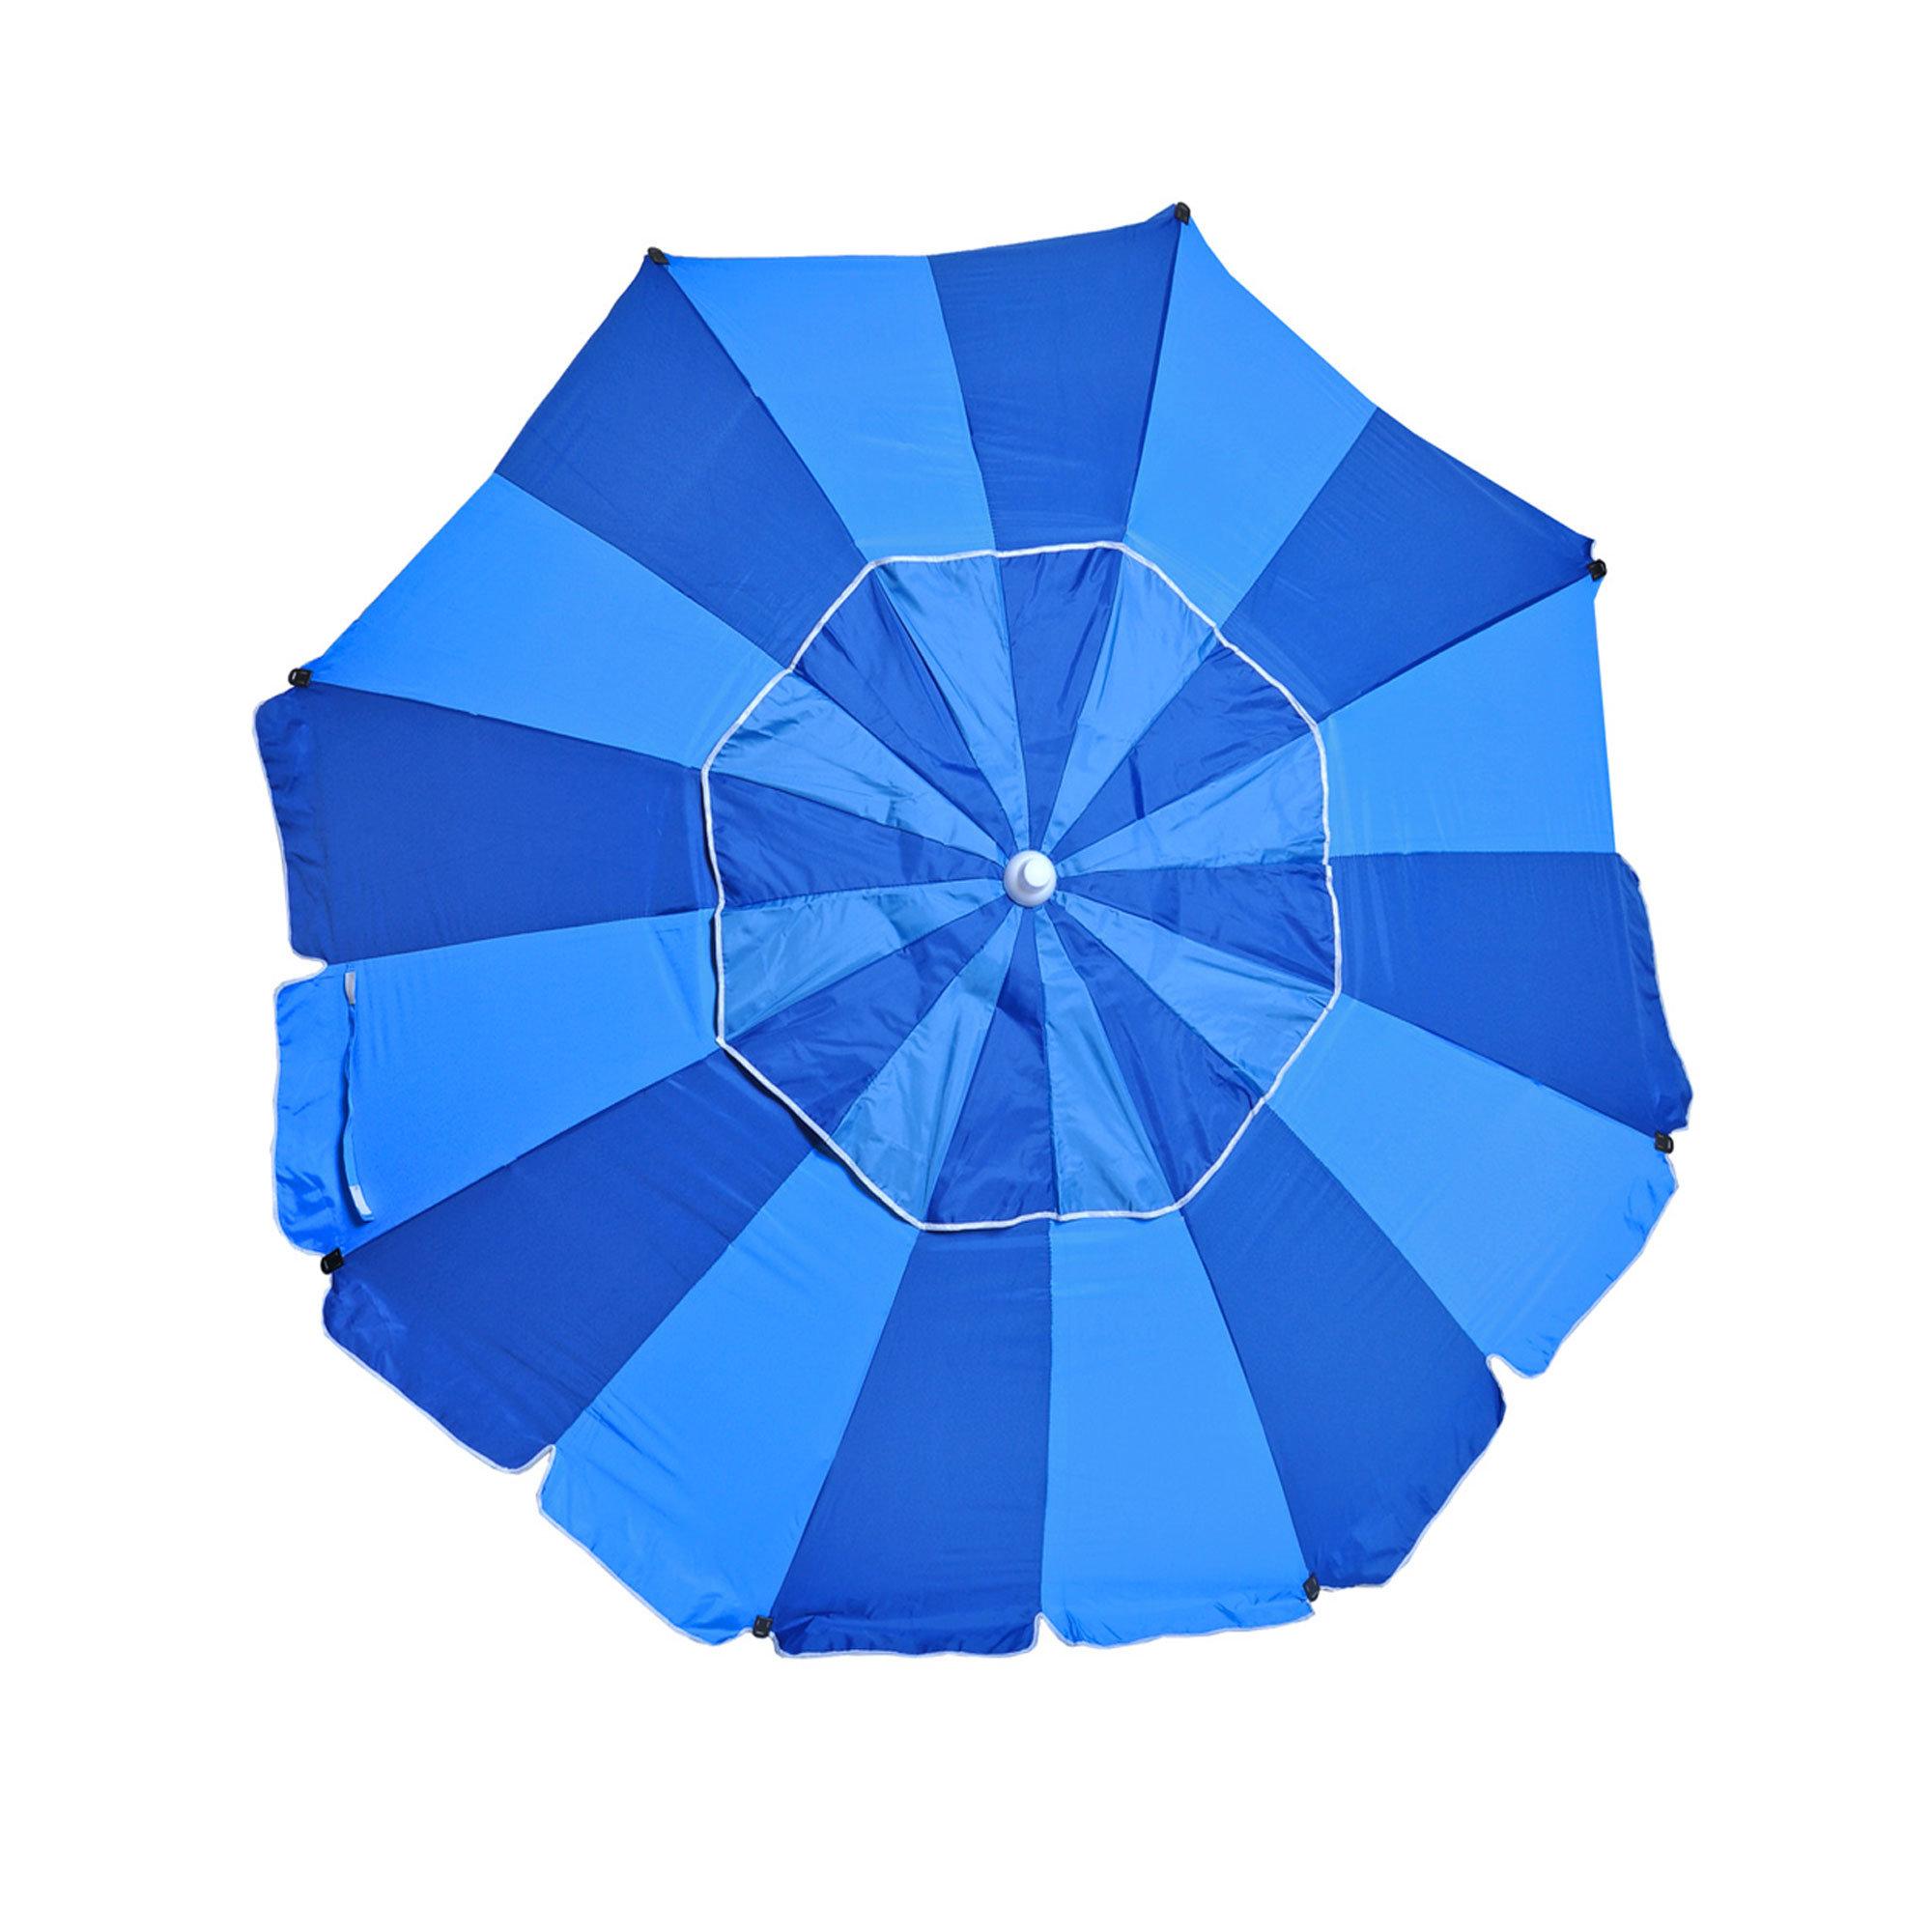 Schroeder Heavy Duty Beach Umbrellas With Regard To 2019 Schroeder Heavy Duty 8' Beach Umbrella (View 2 of 20)